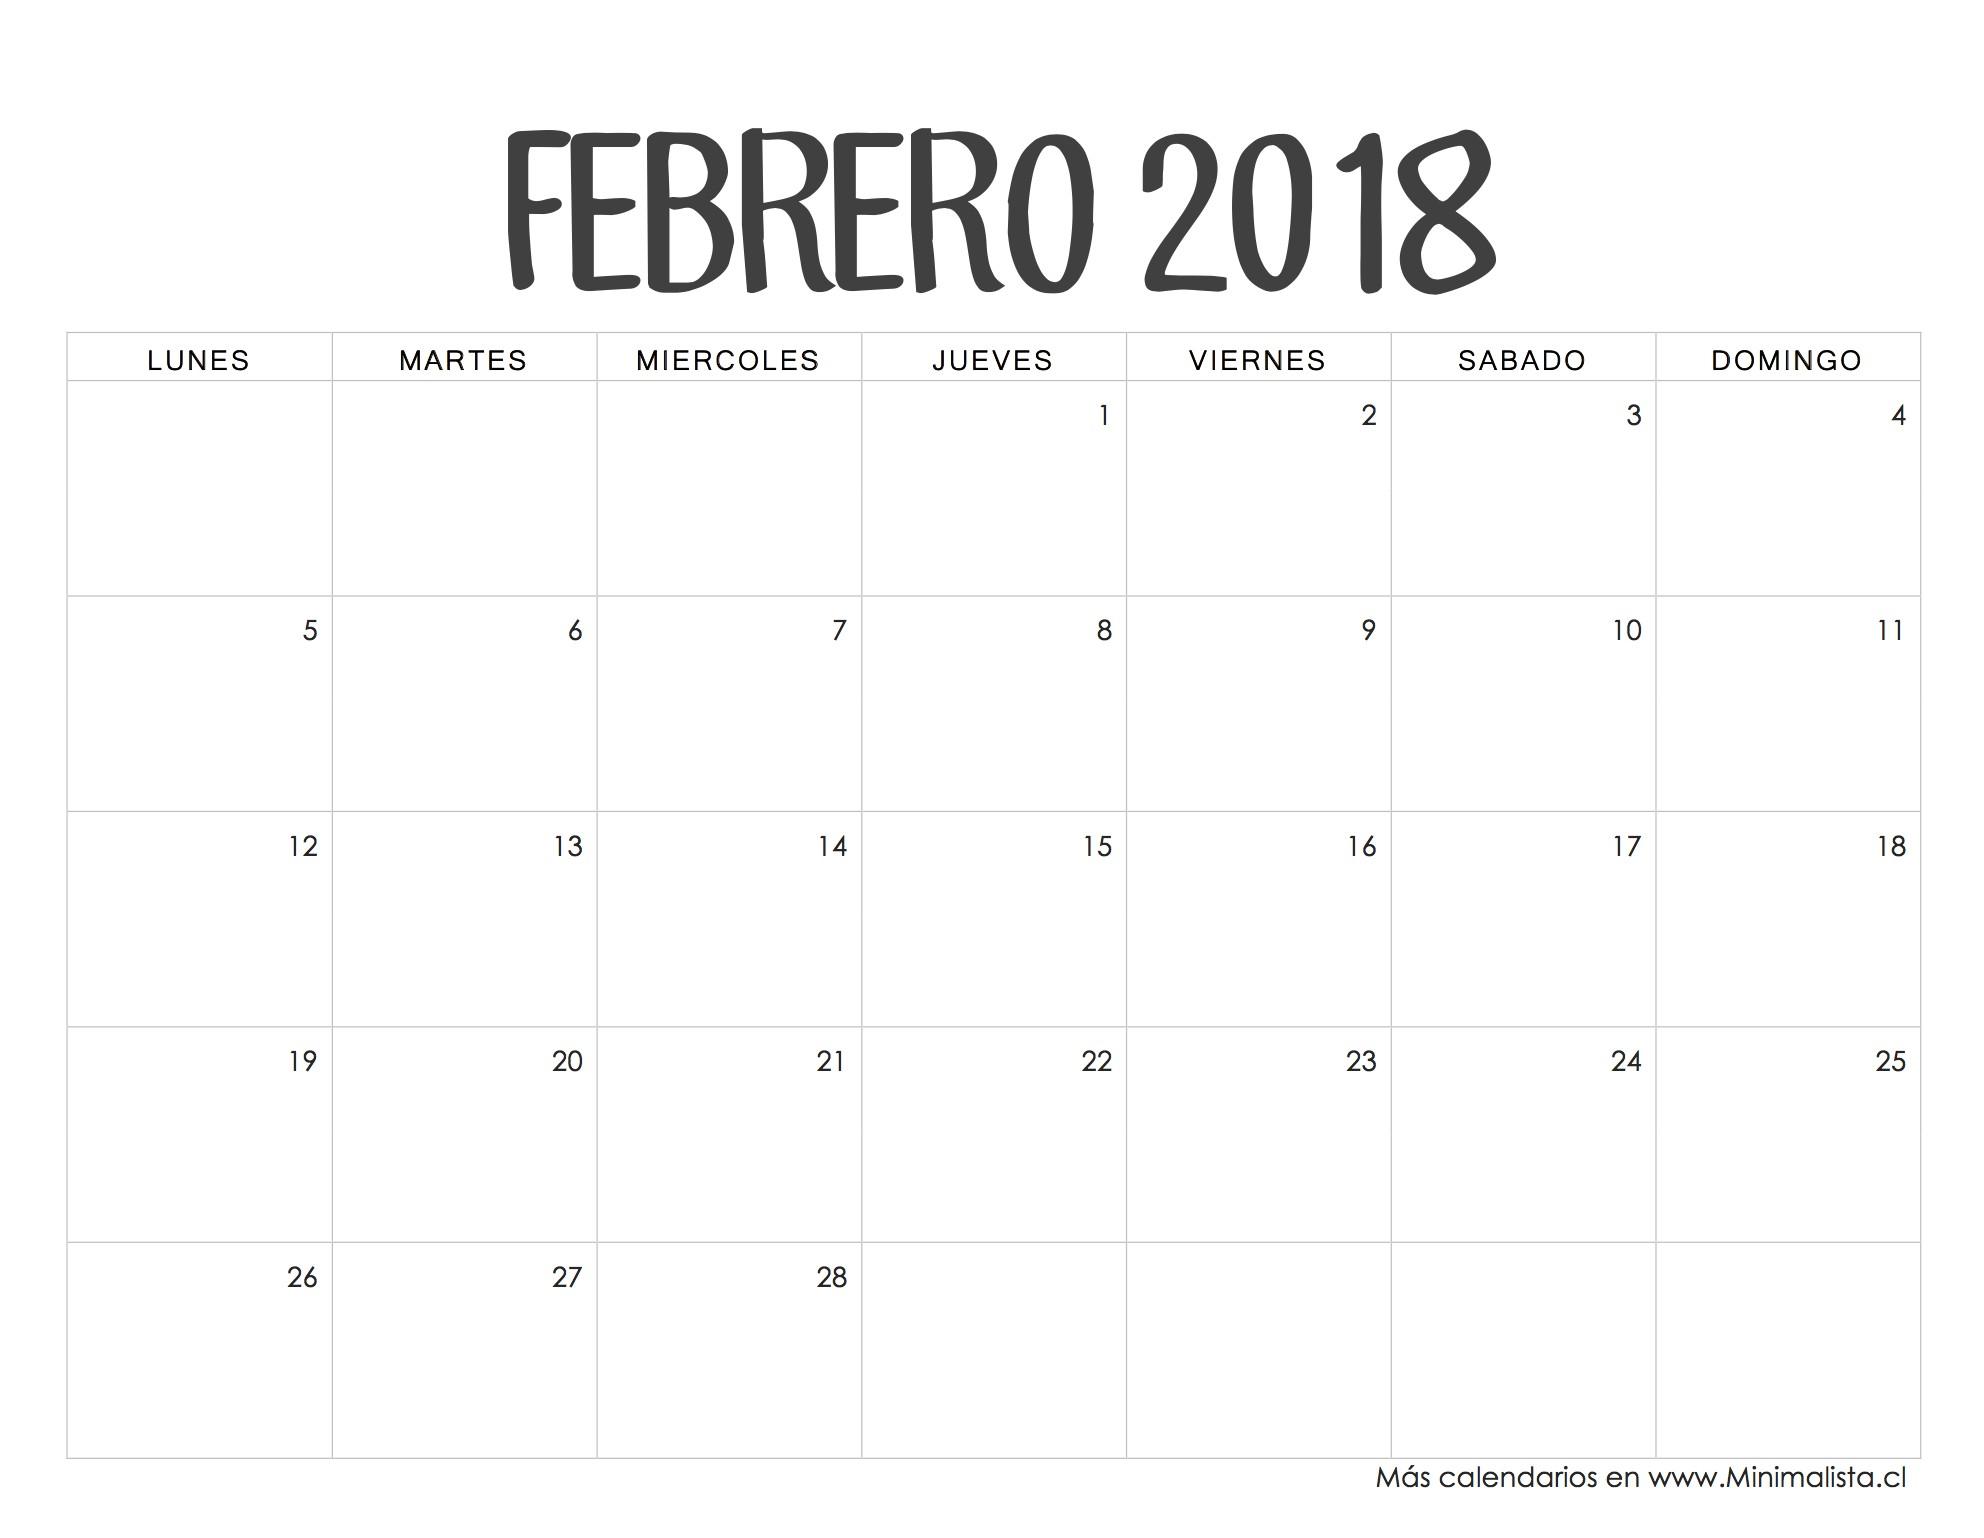 Calendario Septiembre 2019 Feriados Más Arriba-a-fecha Calendario Febrero 2018 Calendarios Pinterest Of Calendario Septiembre 2019 Feriados Mejores Y Más Novedosos Informes Calendario Escolar 2019 En Panama